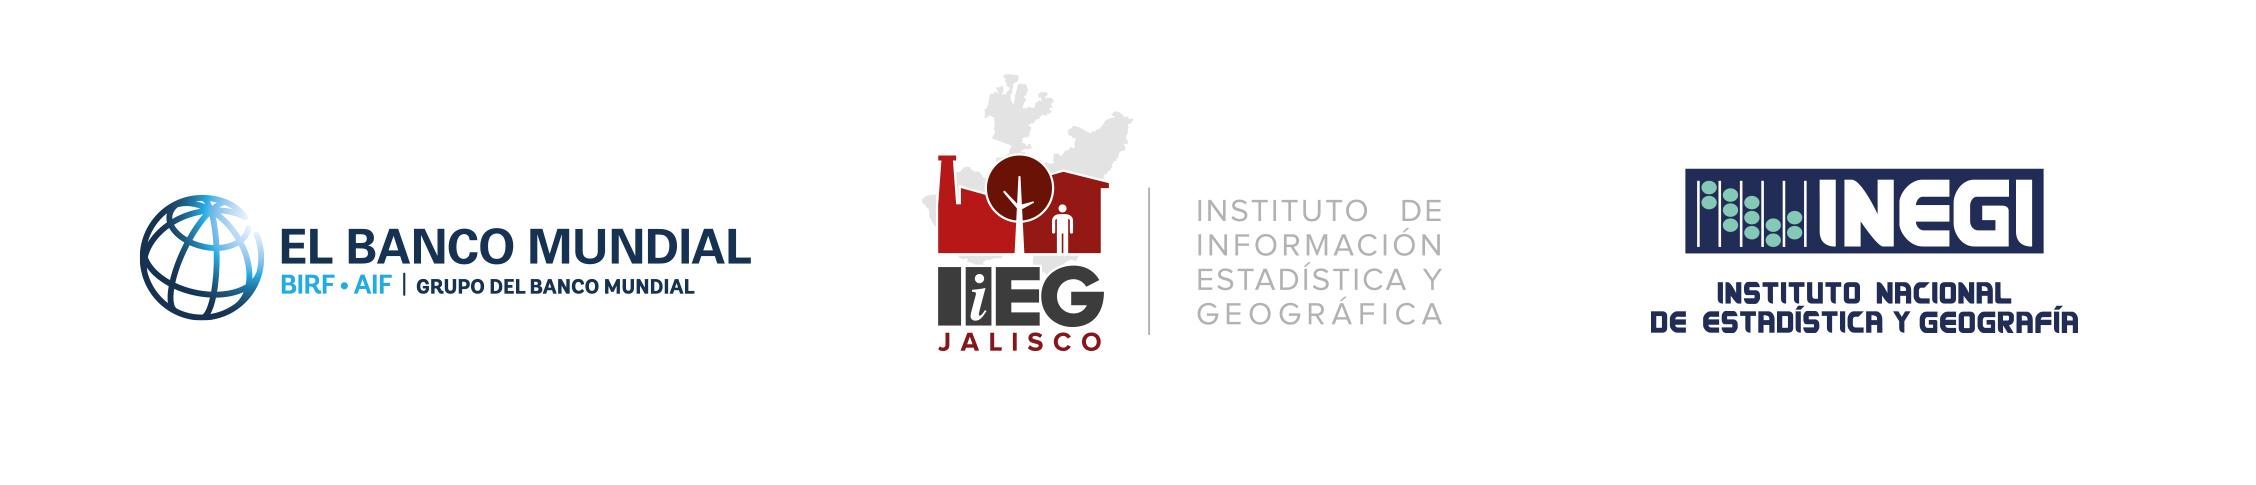 La Estrategia se realiza en colaboración con el Gobierno de Jalisco, INEGI y Banco Mundial.